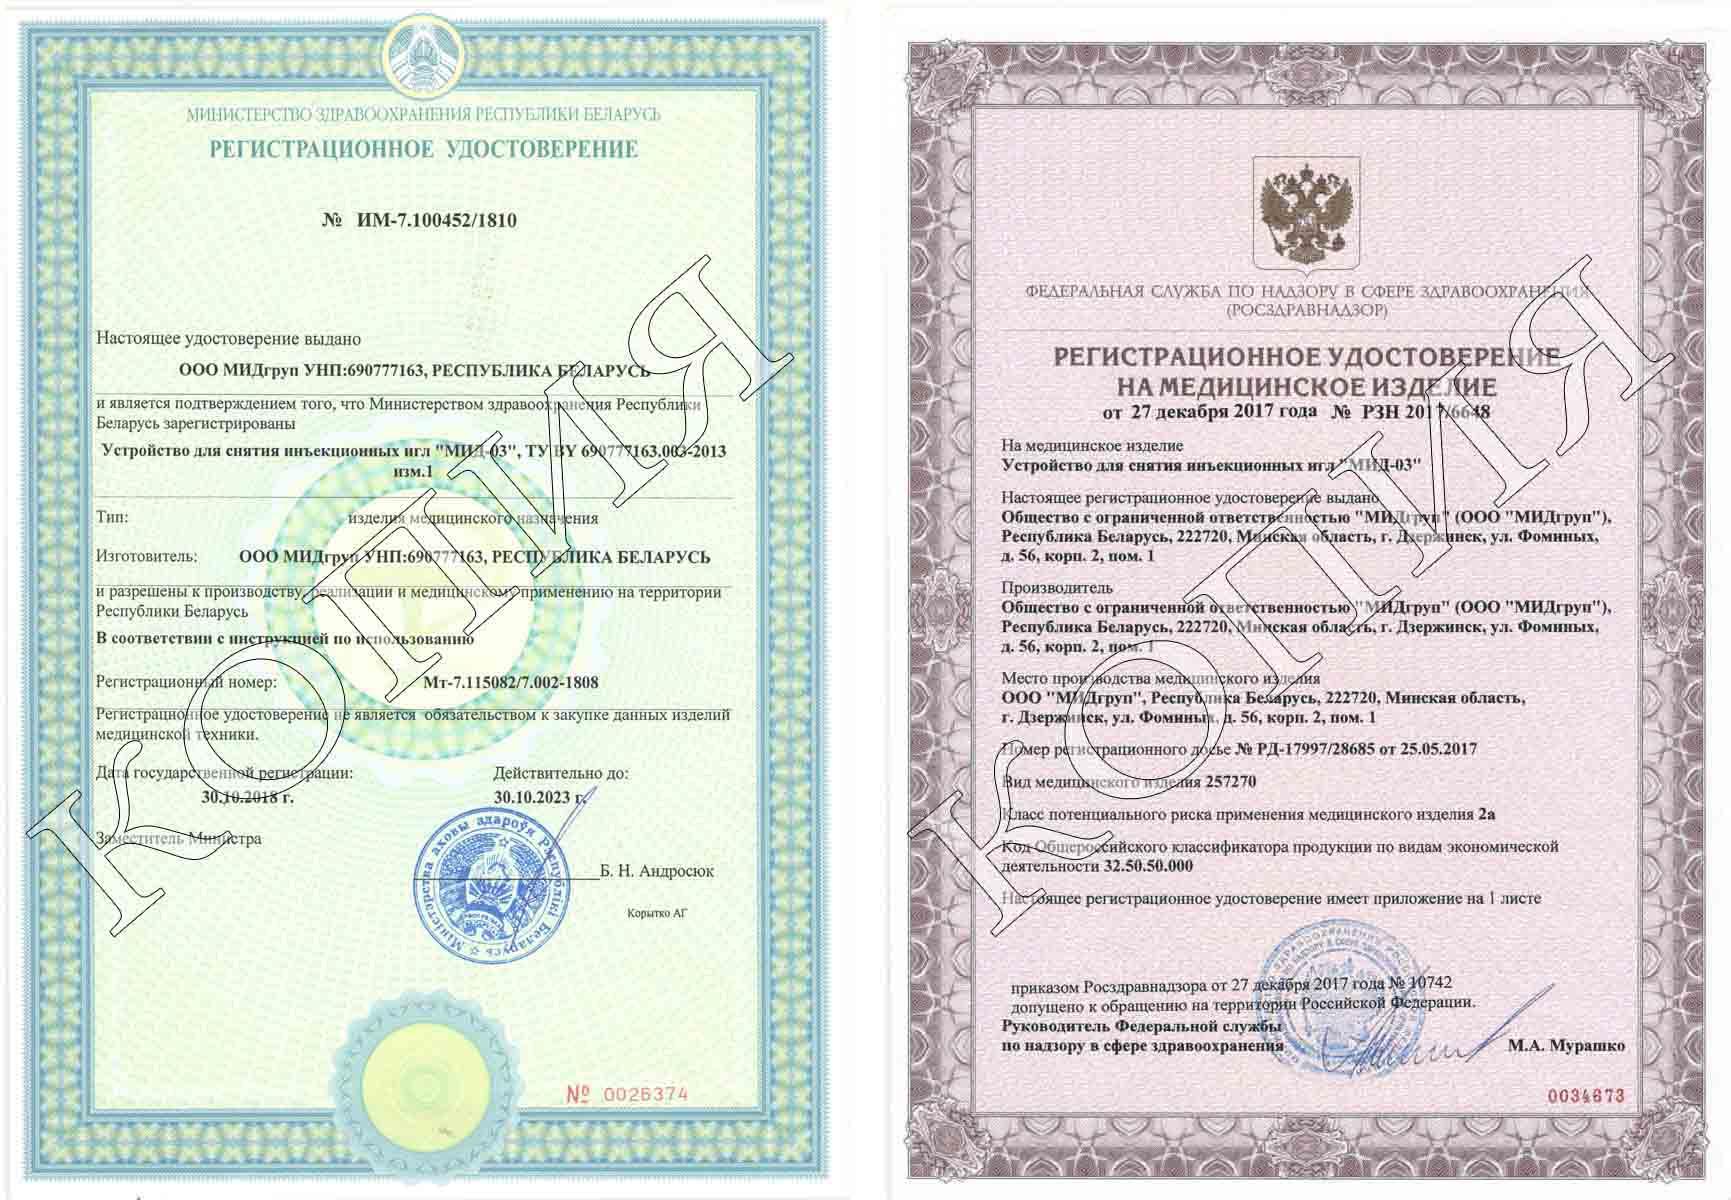 Регистрационное удостоверение МИД-03_Рб и РФ